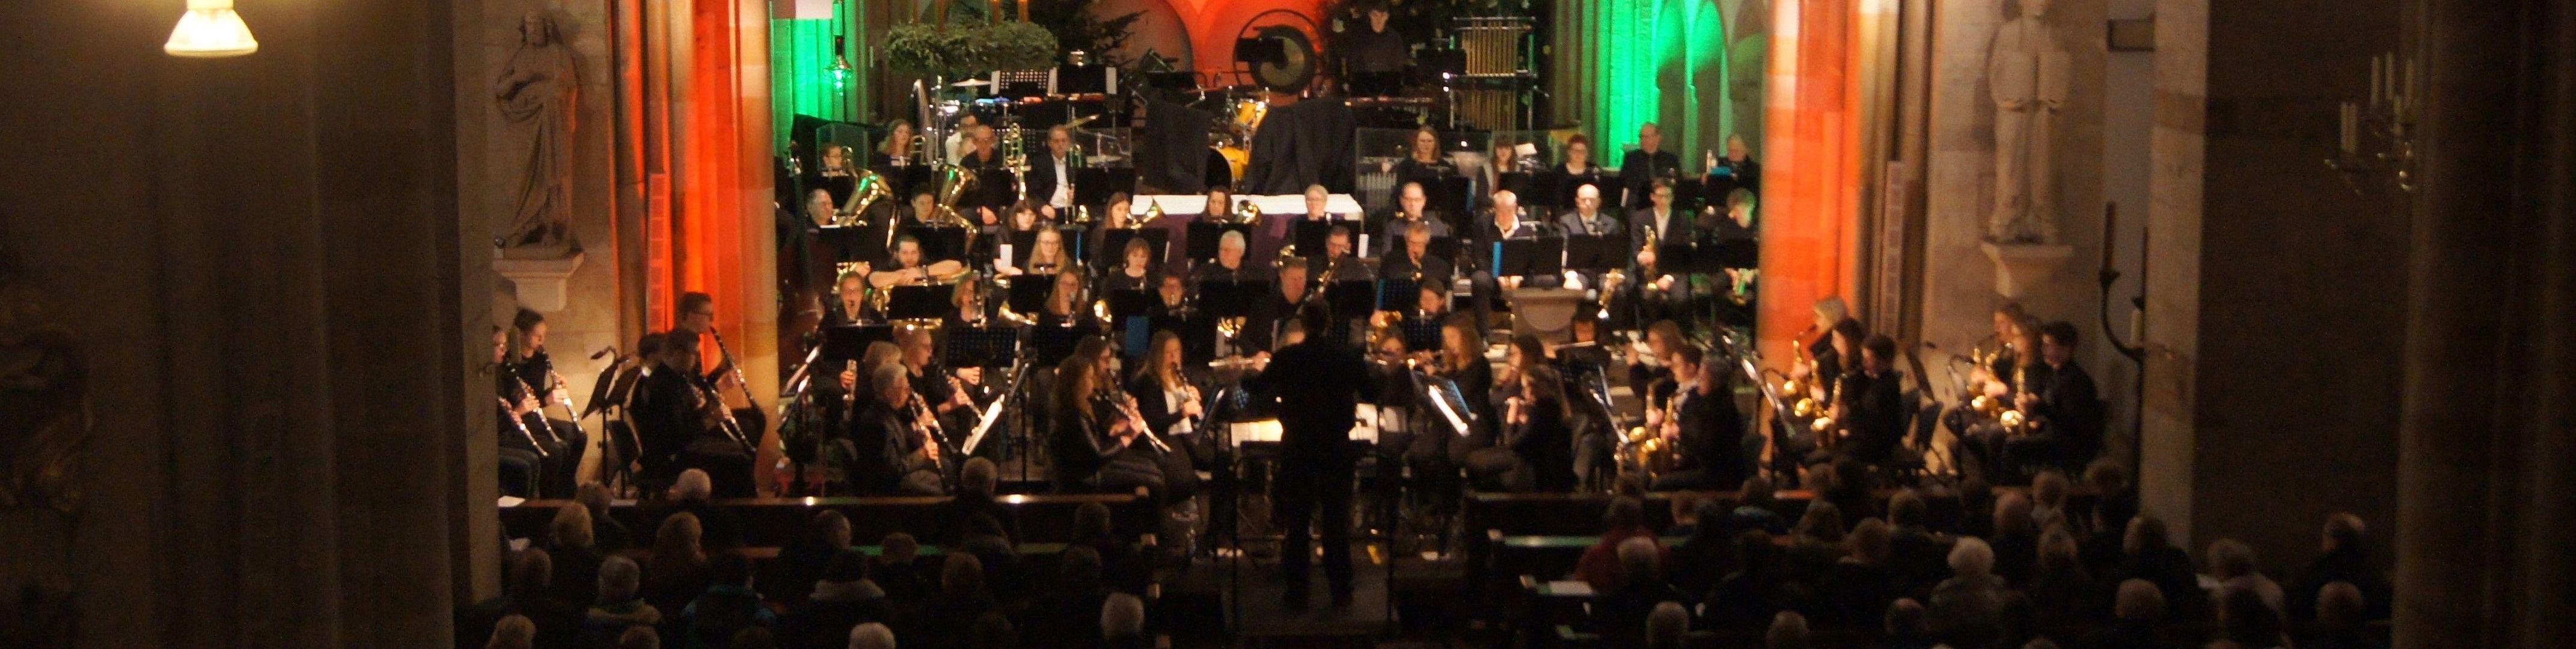 Konzerthistorie - Konzerte